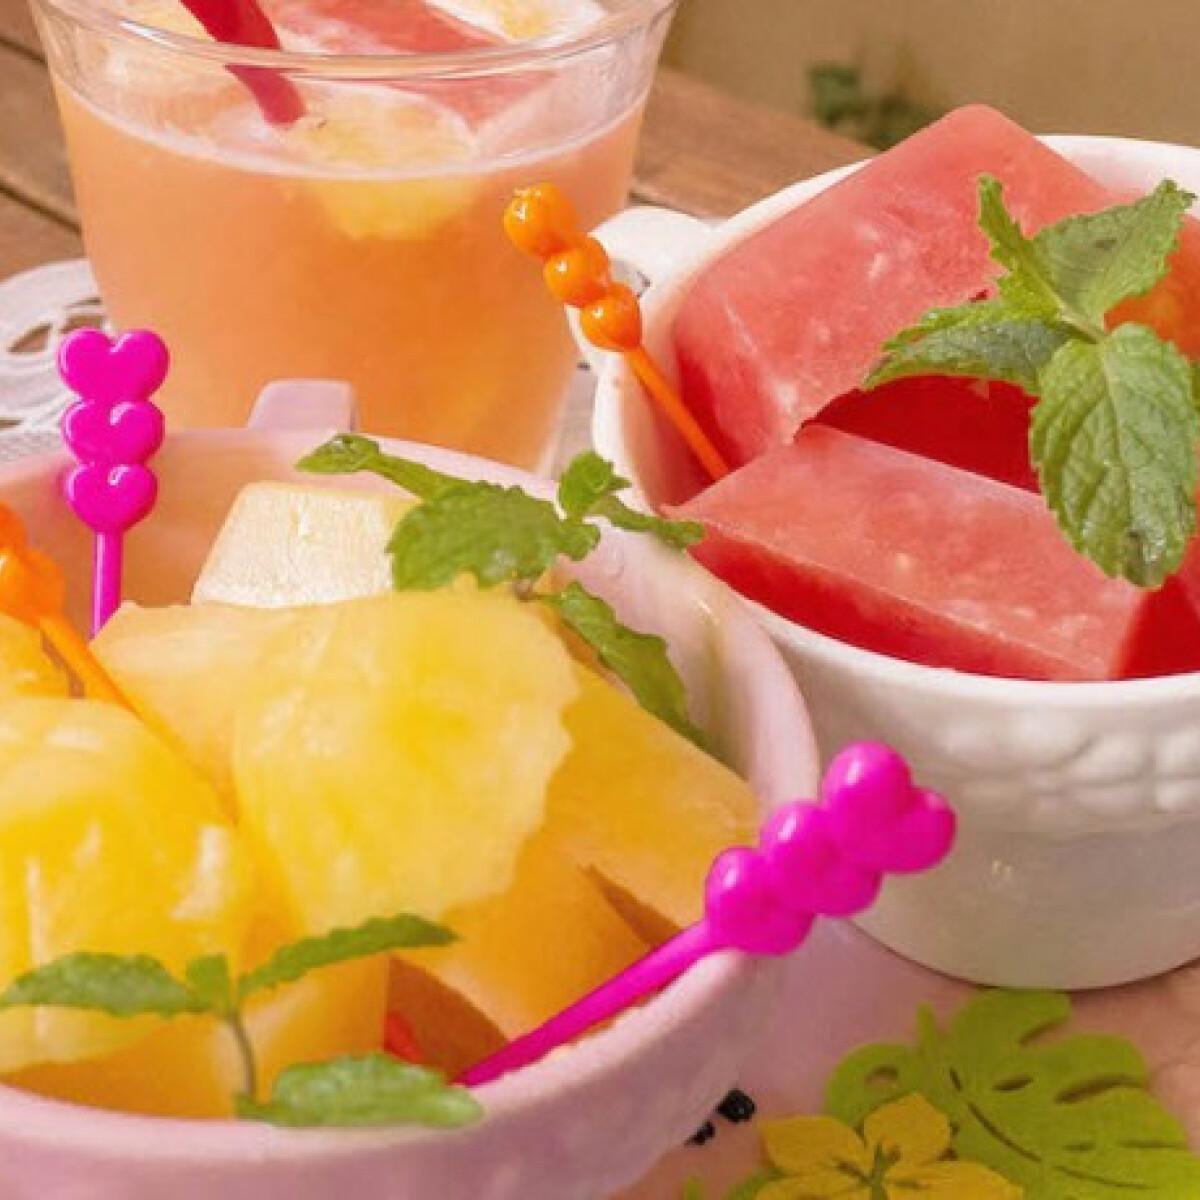 Ezen a képen: Házi színes gyümölcsös jégkockák